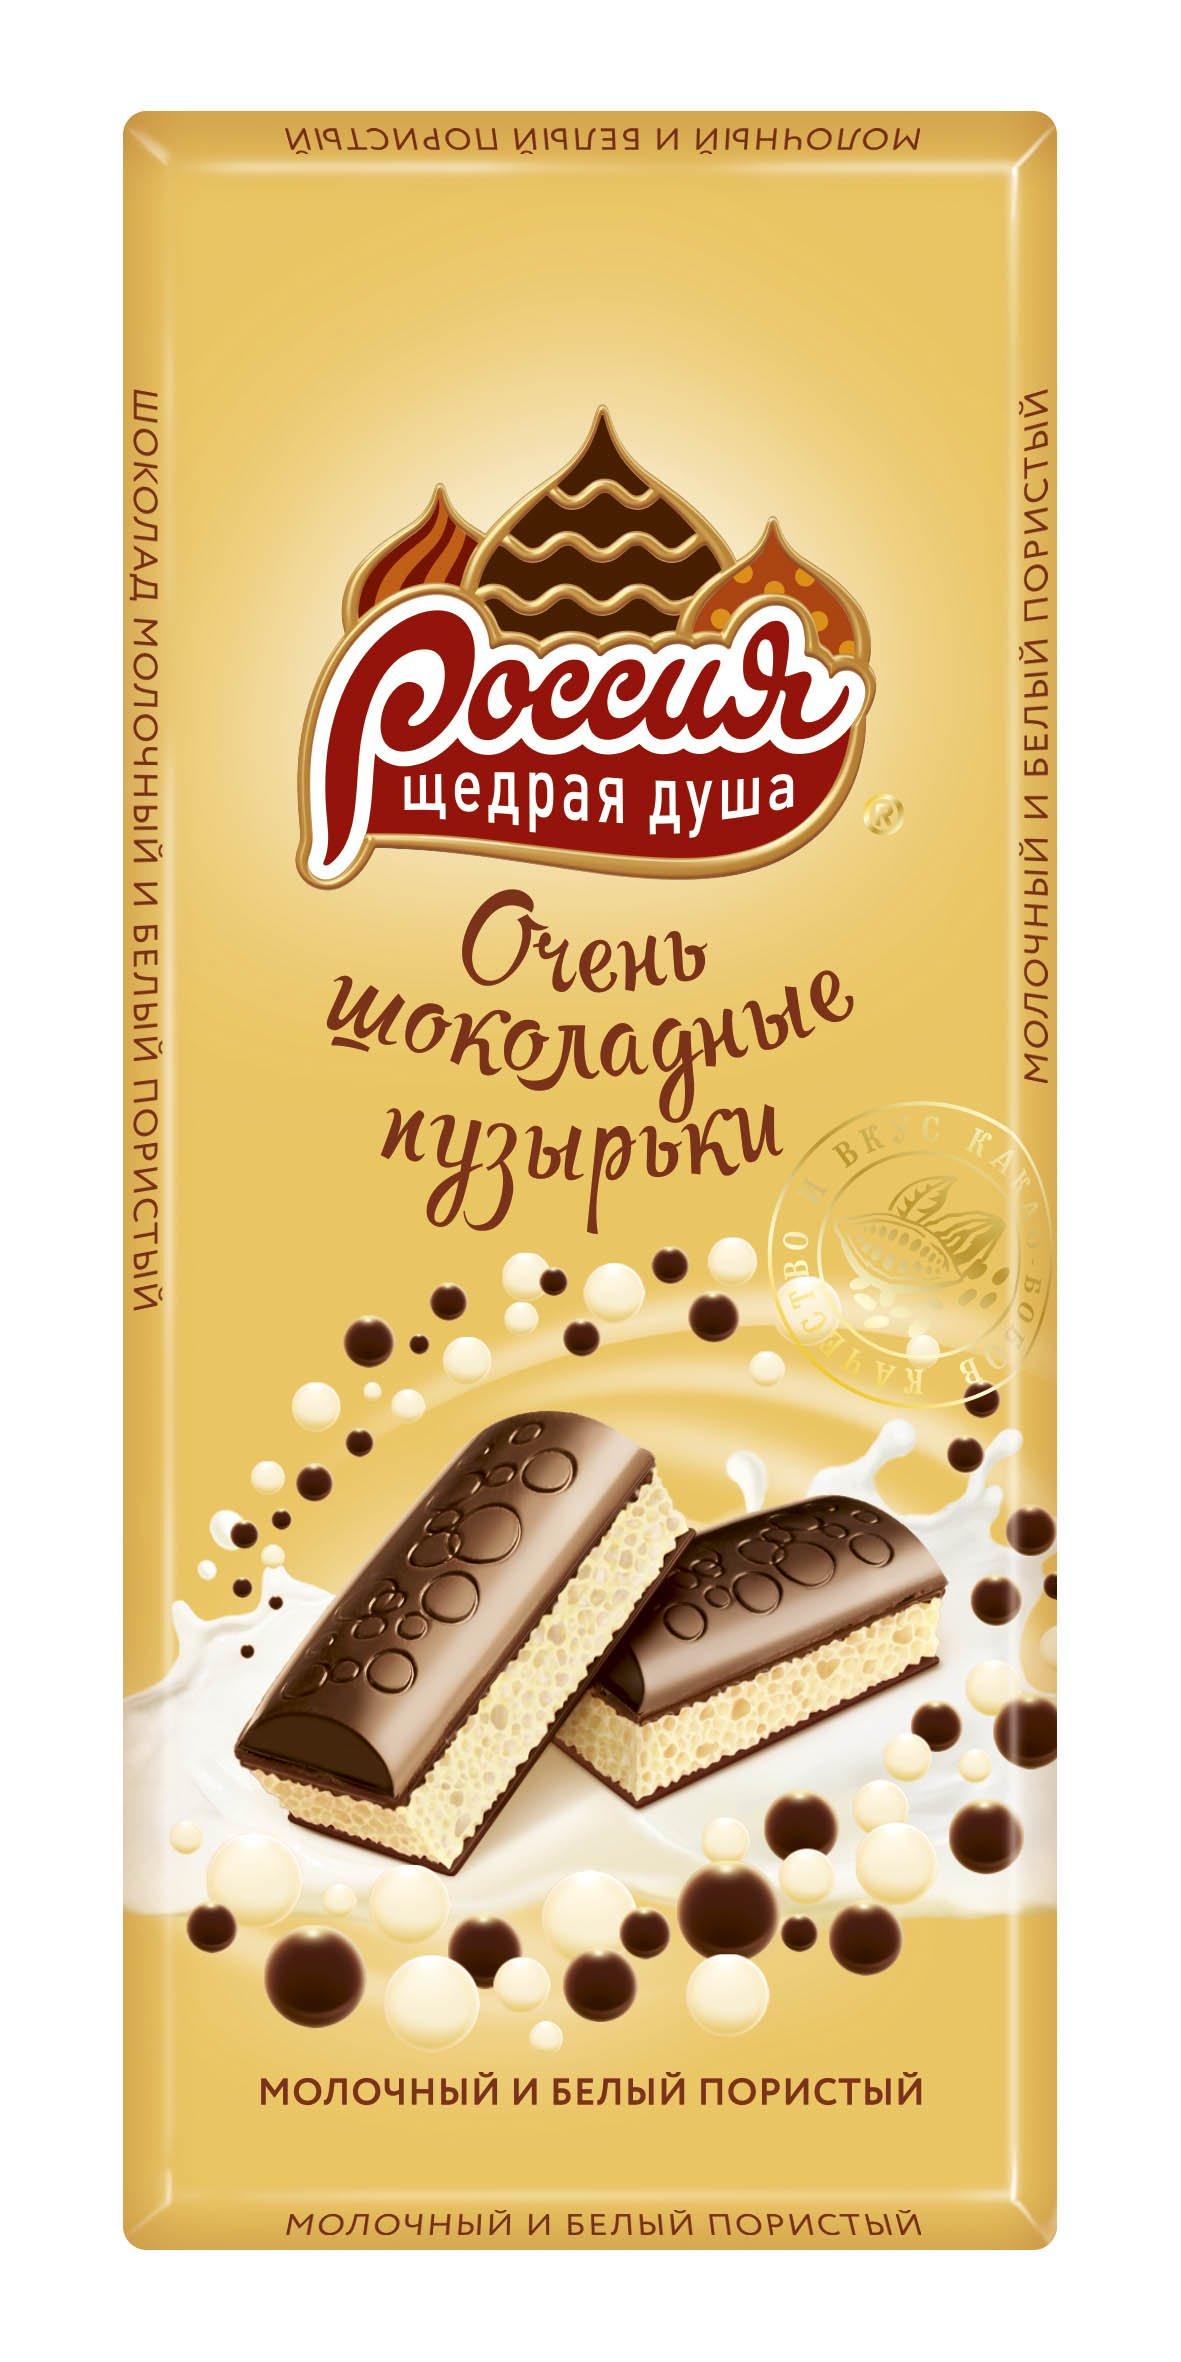 Россия-Щедрая душа! Очень шоколадные пузырьки пористый молочный и белый шоколад, 82 г12281558Россия - Щедрая Душа! Очень шоколадные пузырьки Пористый молочный и белый шоколад. Шоколад Россия-Щедрая Душа! представлен богатым выбором вкусов, щедро наполнен ингредиентами. Мы вкладываем душу в производство нашего шоколада, именно поэтому он не перестает радовать потребителя своим качеством и разнообразием уже более 40 лет. Высокое качество и прекрасный вкус являются ключевыми составляющими нашего шоколада. Воздушный шоколад с легкими пузырьками, тающий и нежный – чтобы ваше общение было таким же легким и ярким.